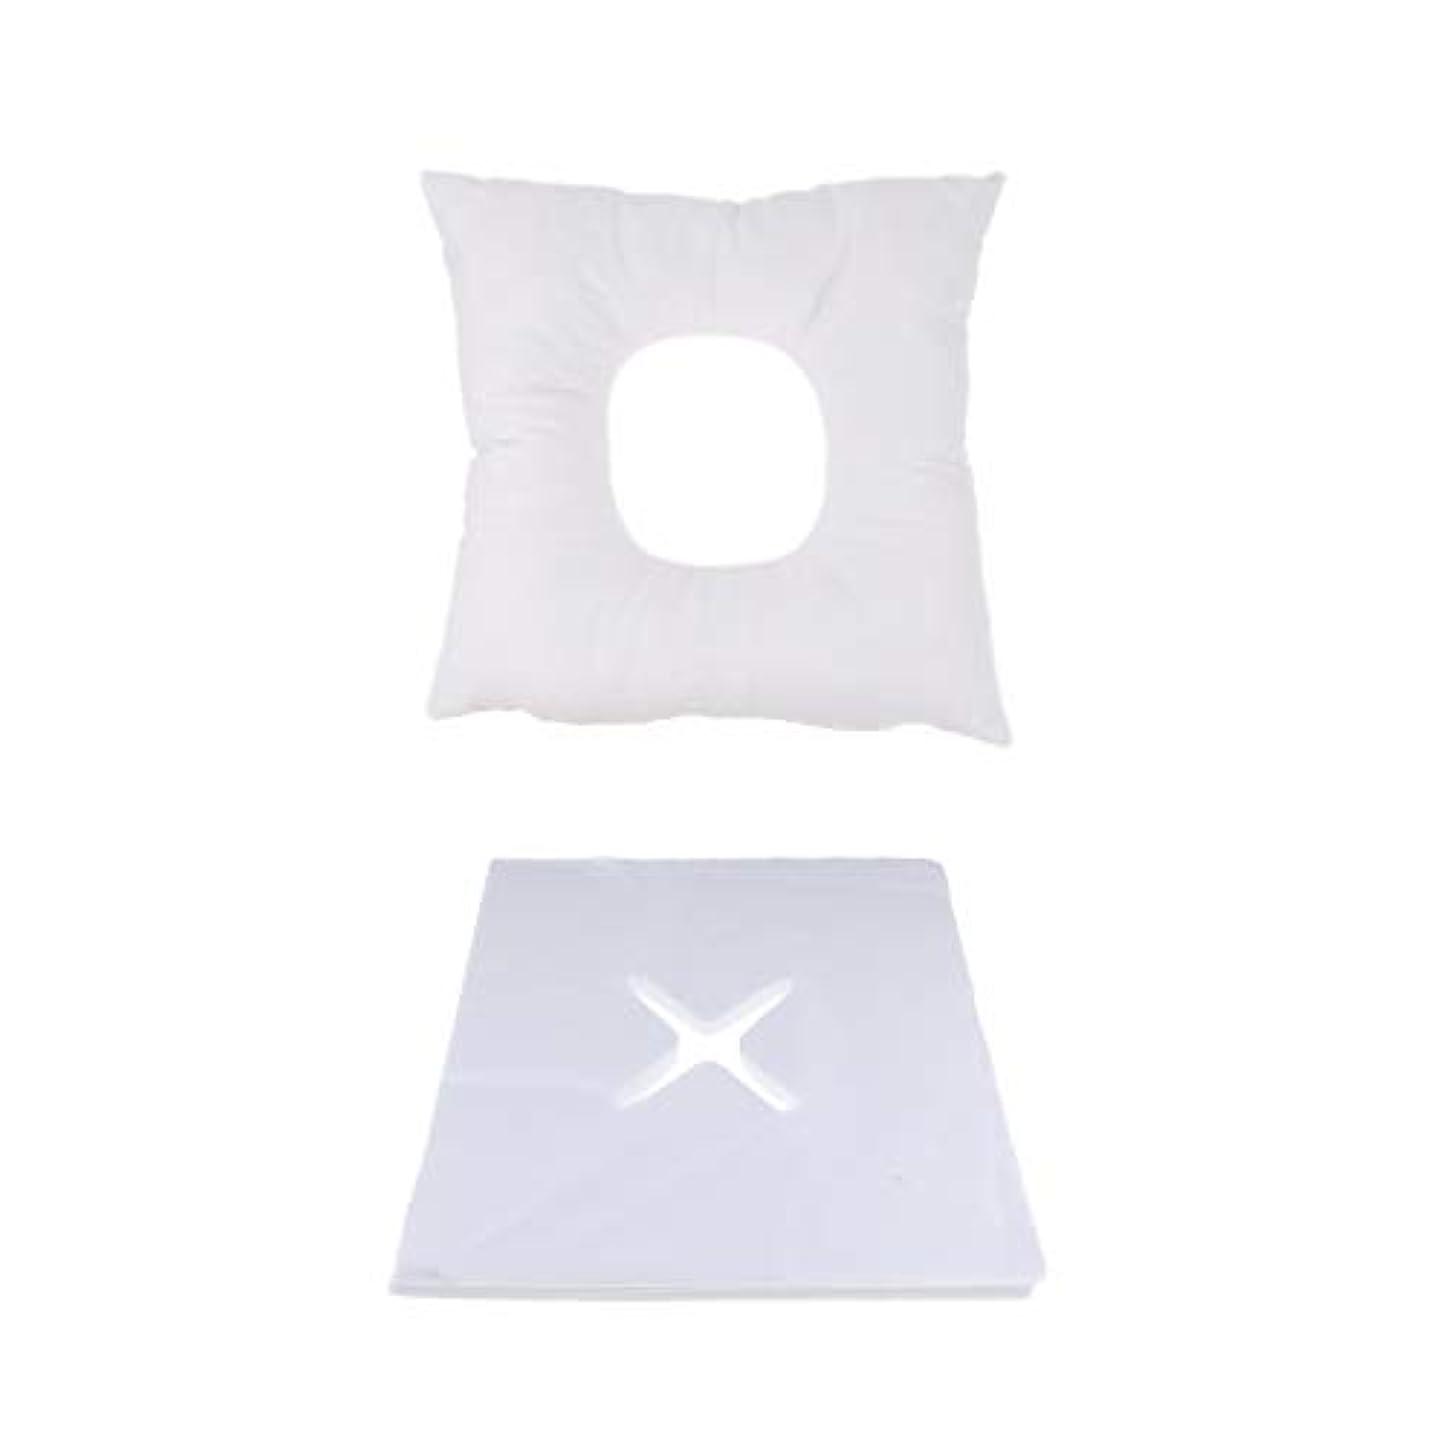 膜妨げる公爵夫人FLAMEER マッサージ用クッション フェイスマット マッサージ枕 顔枕 200個使い捨てカバー付 快適